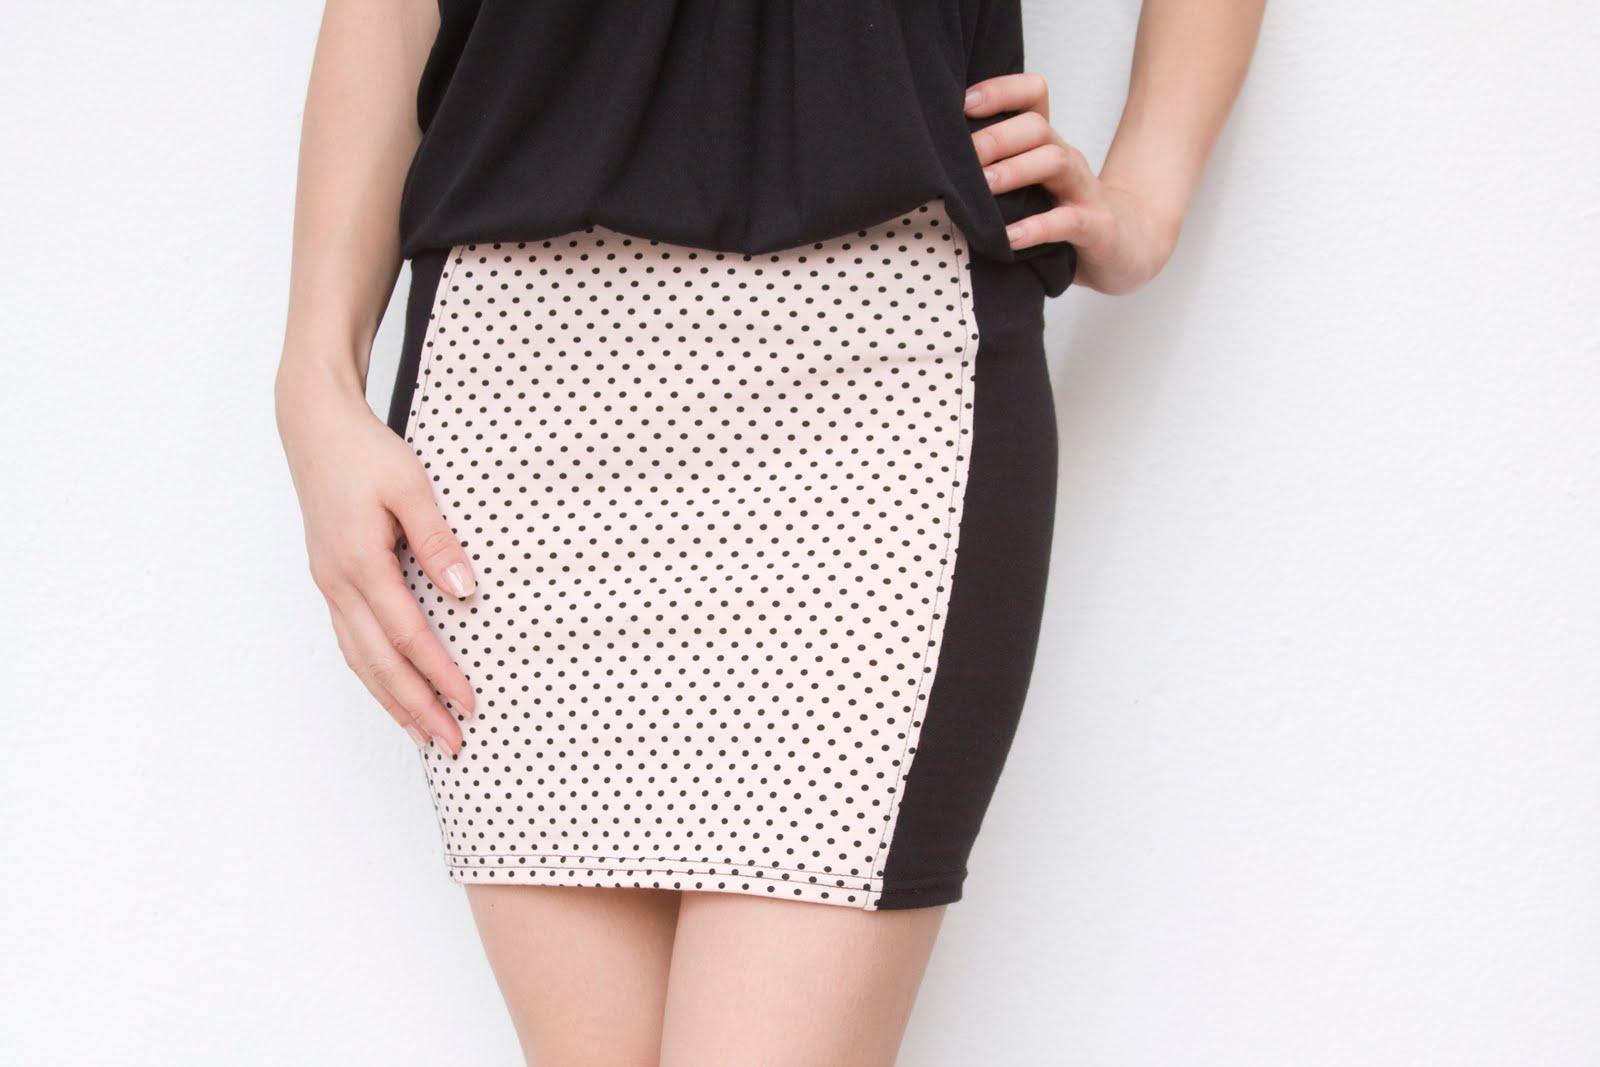 dresses strings fitted high waist mini skirt